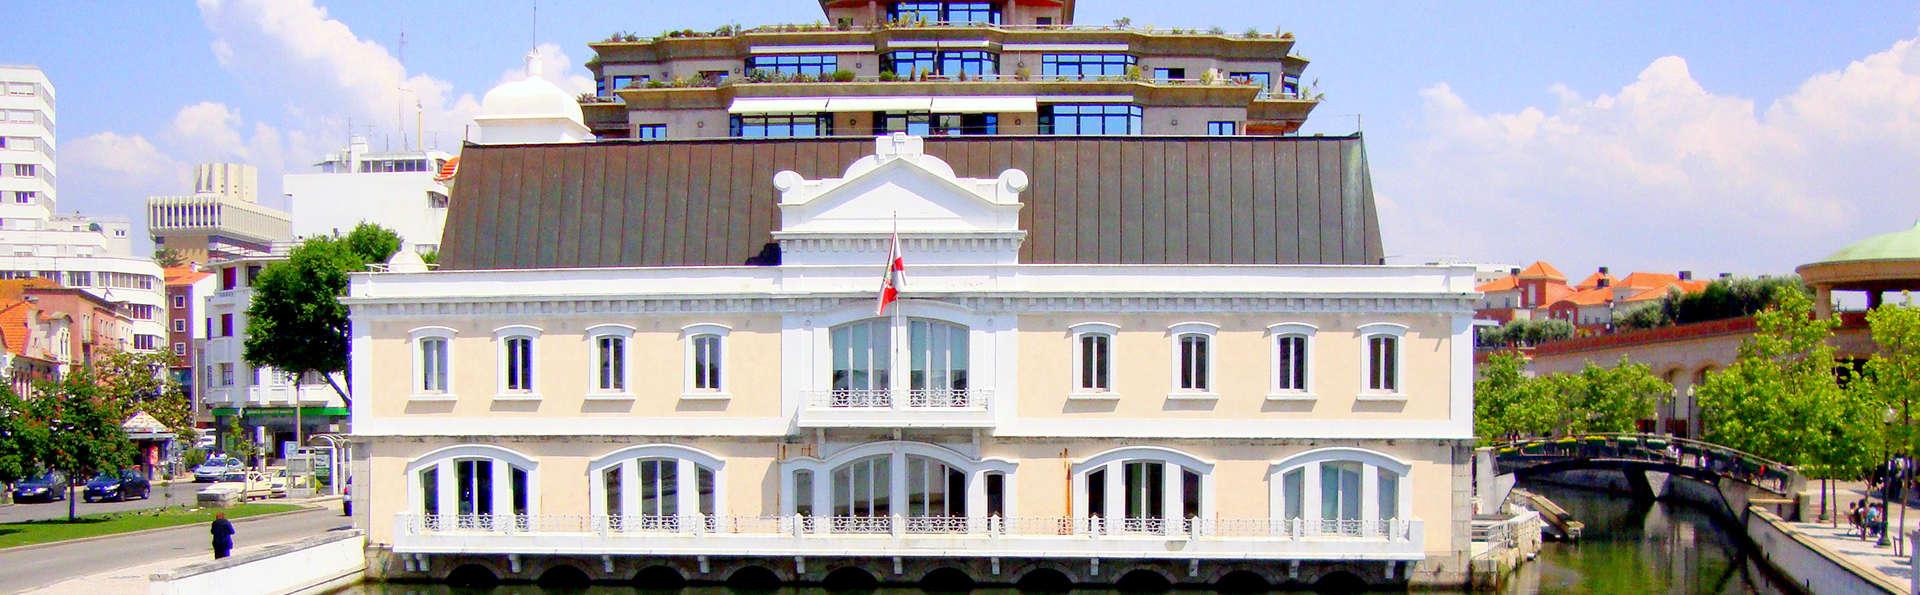 """Escapada romántica con City Tour por la ciudad de Aveiro """" La Venecia Portugesa """""""